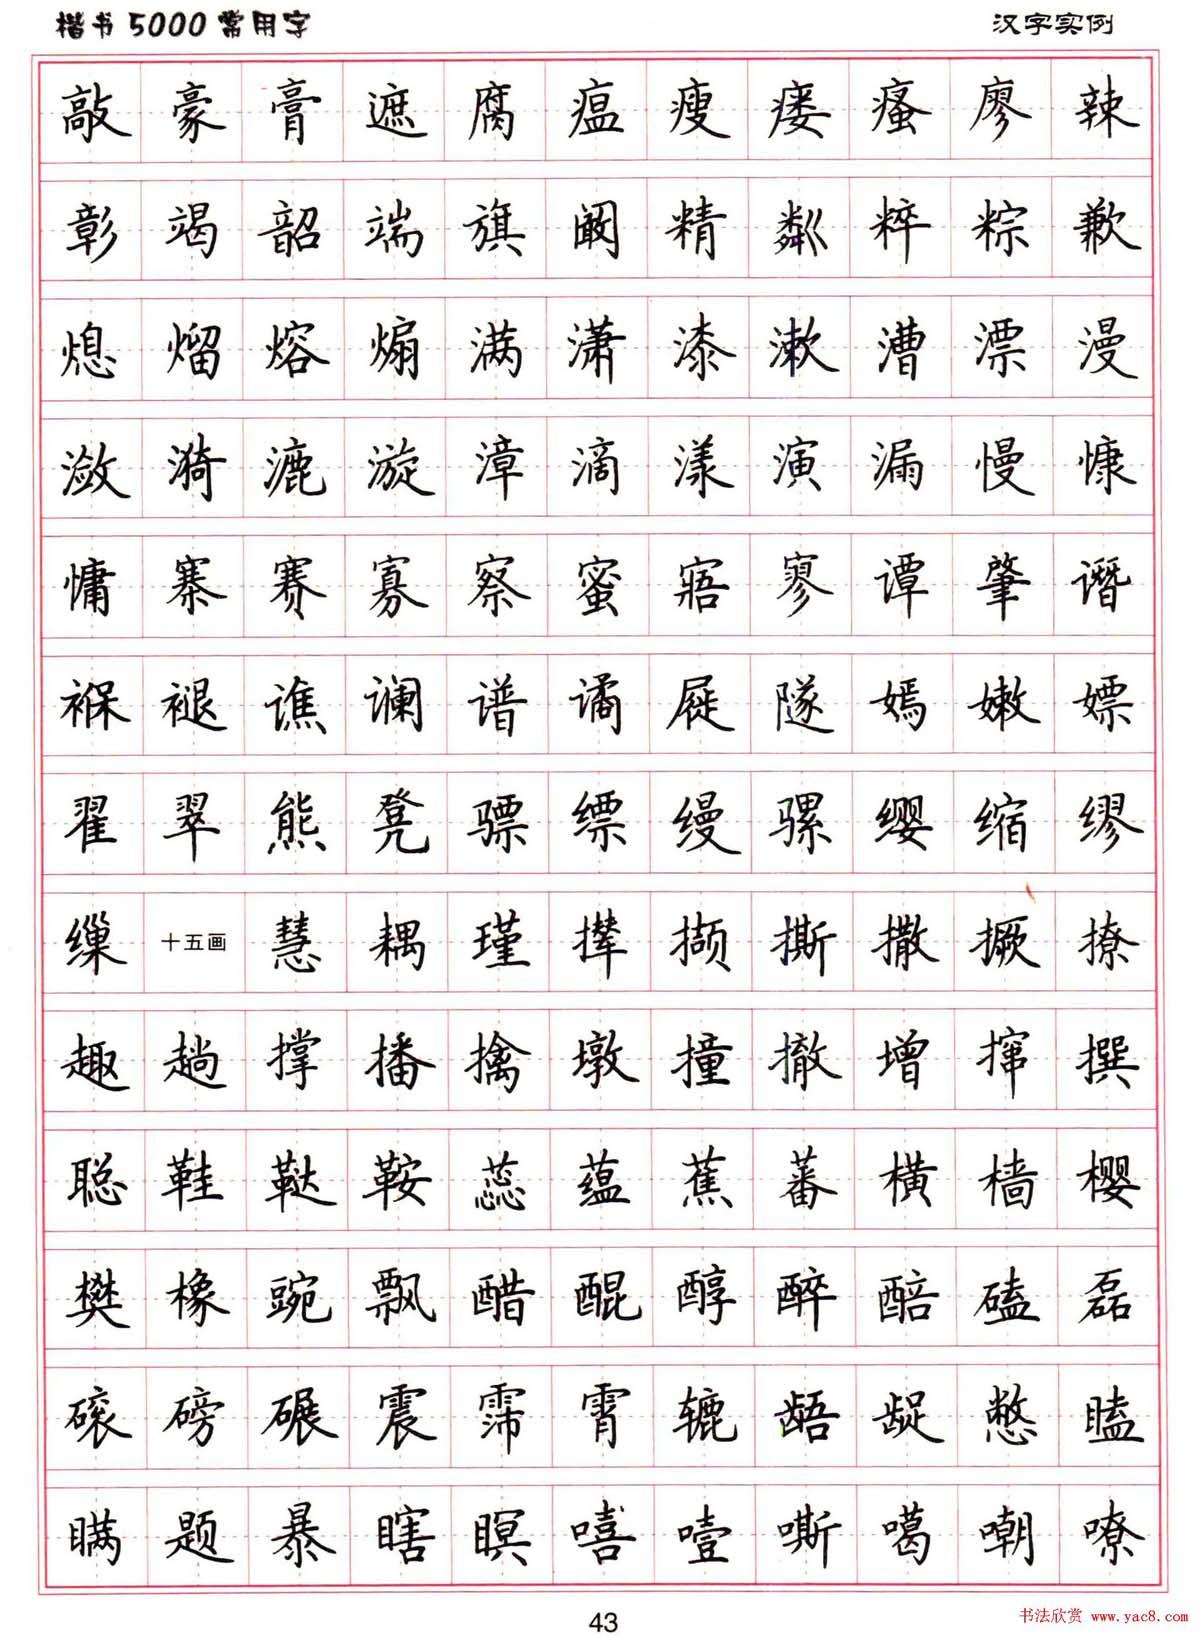 [转载]硬笔书法字帖《楷书5000常用字》(二)图片